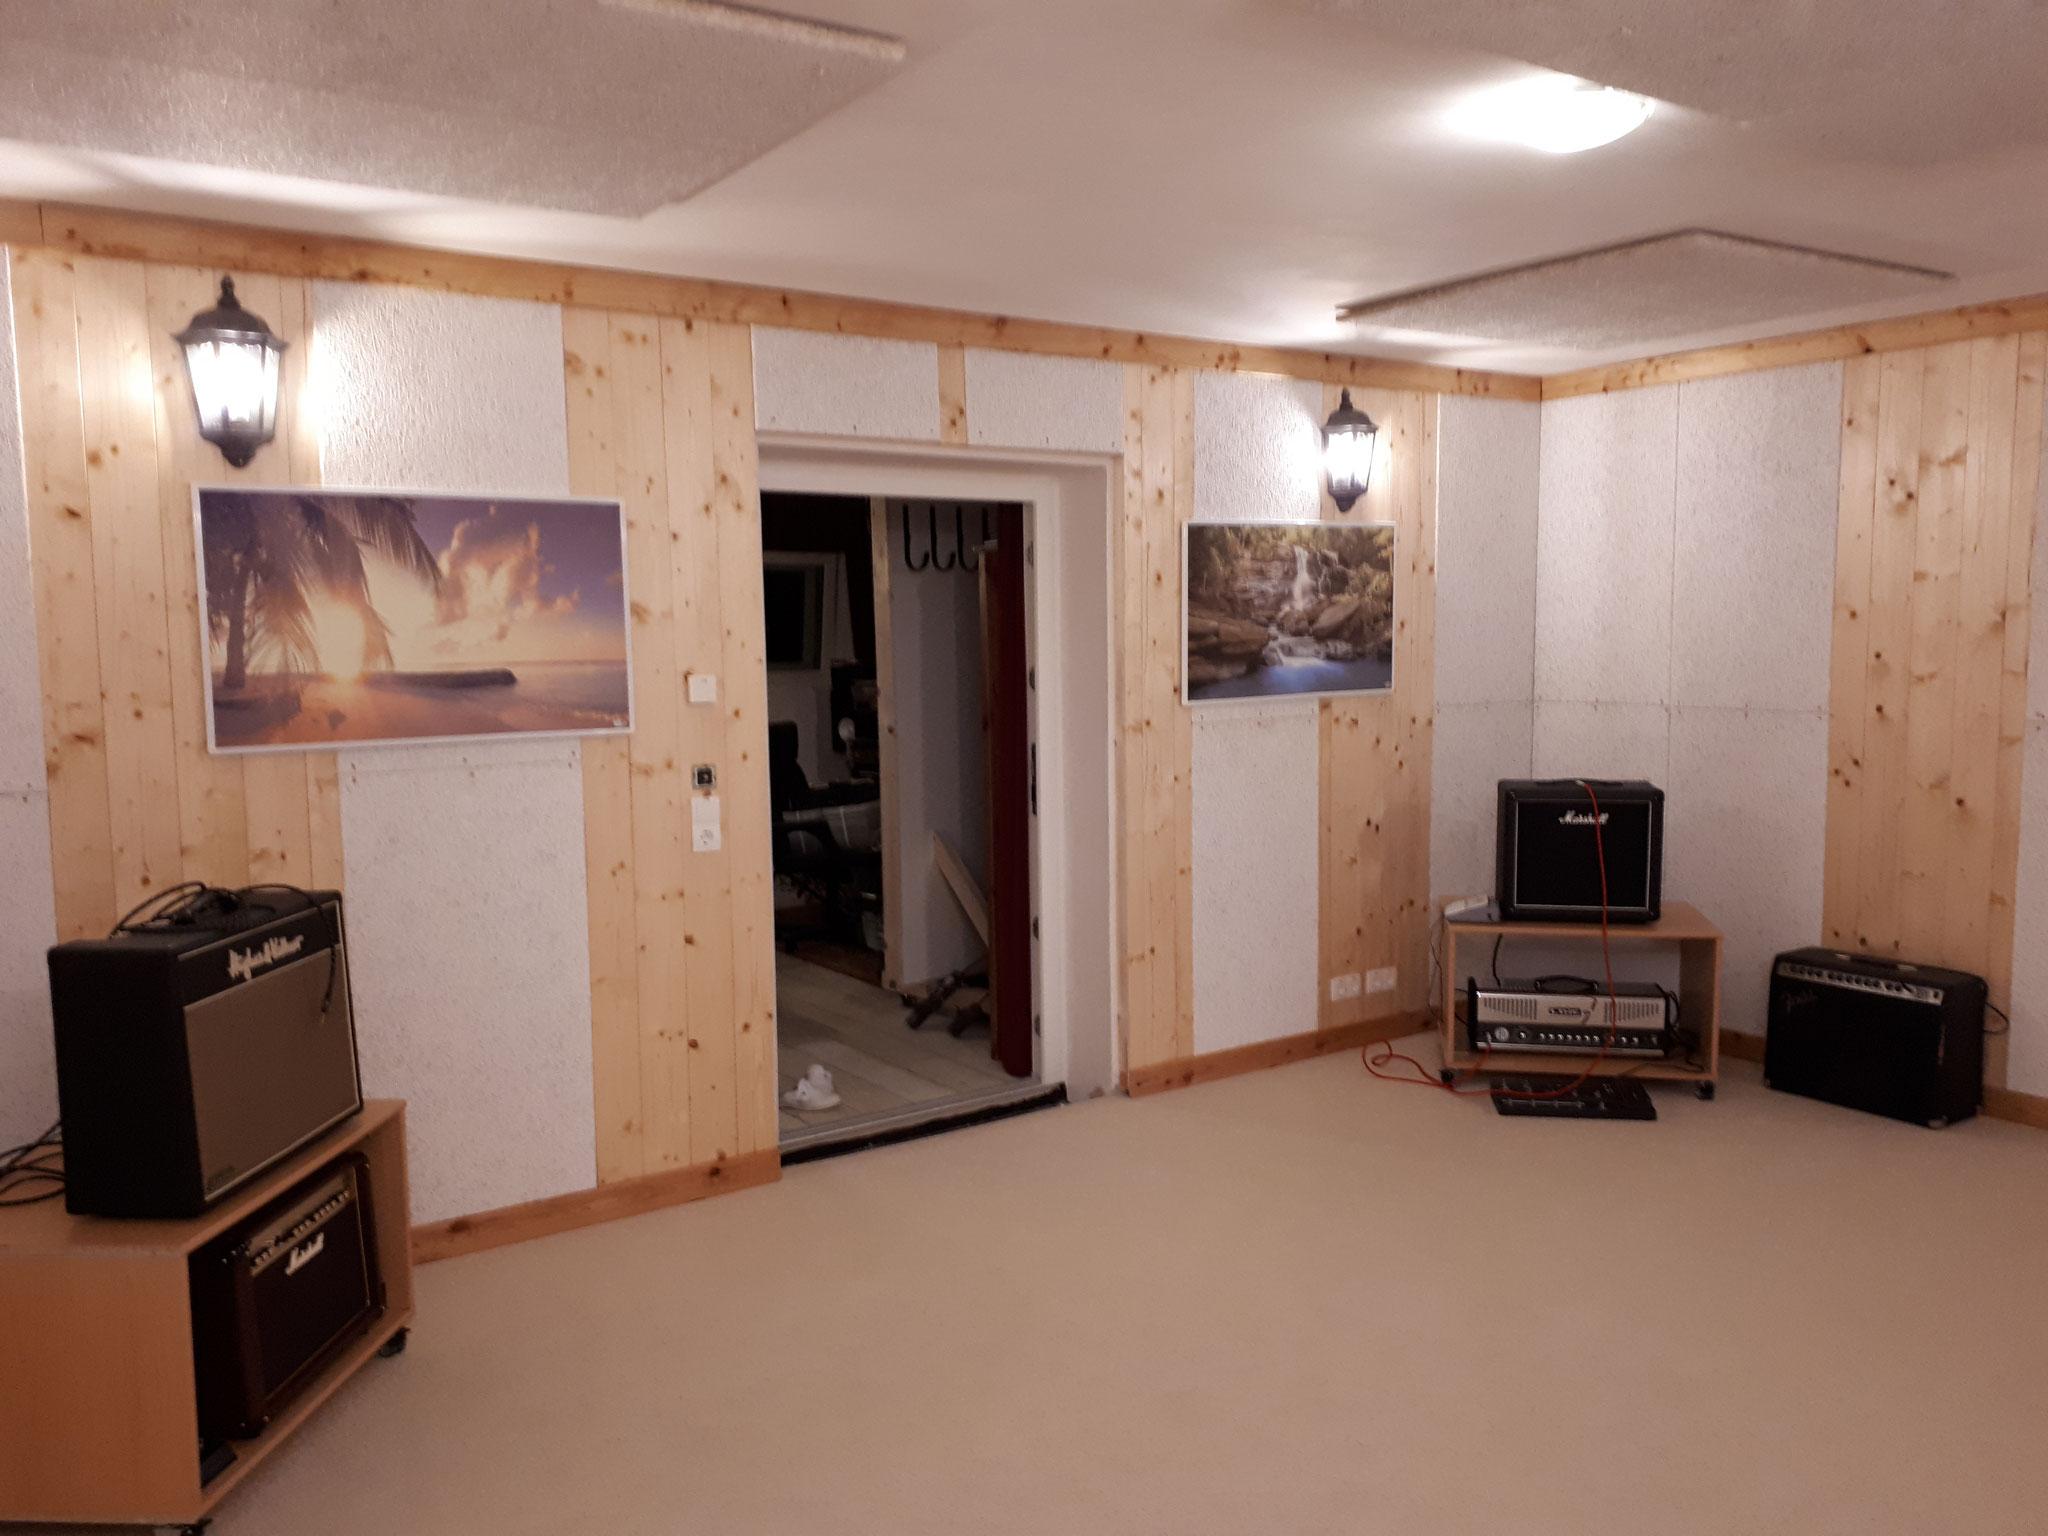 Room in room, yeah!